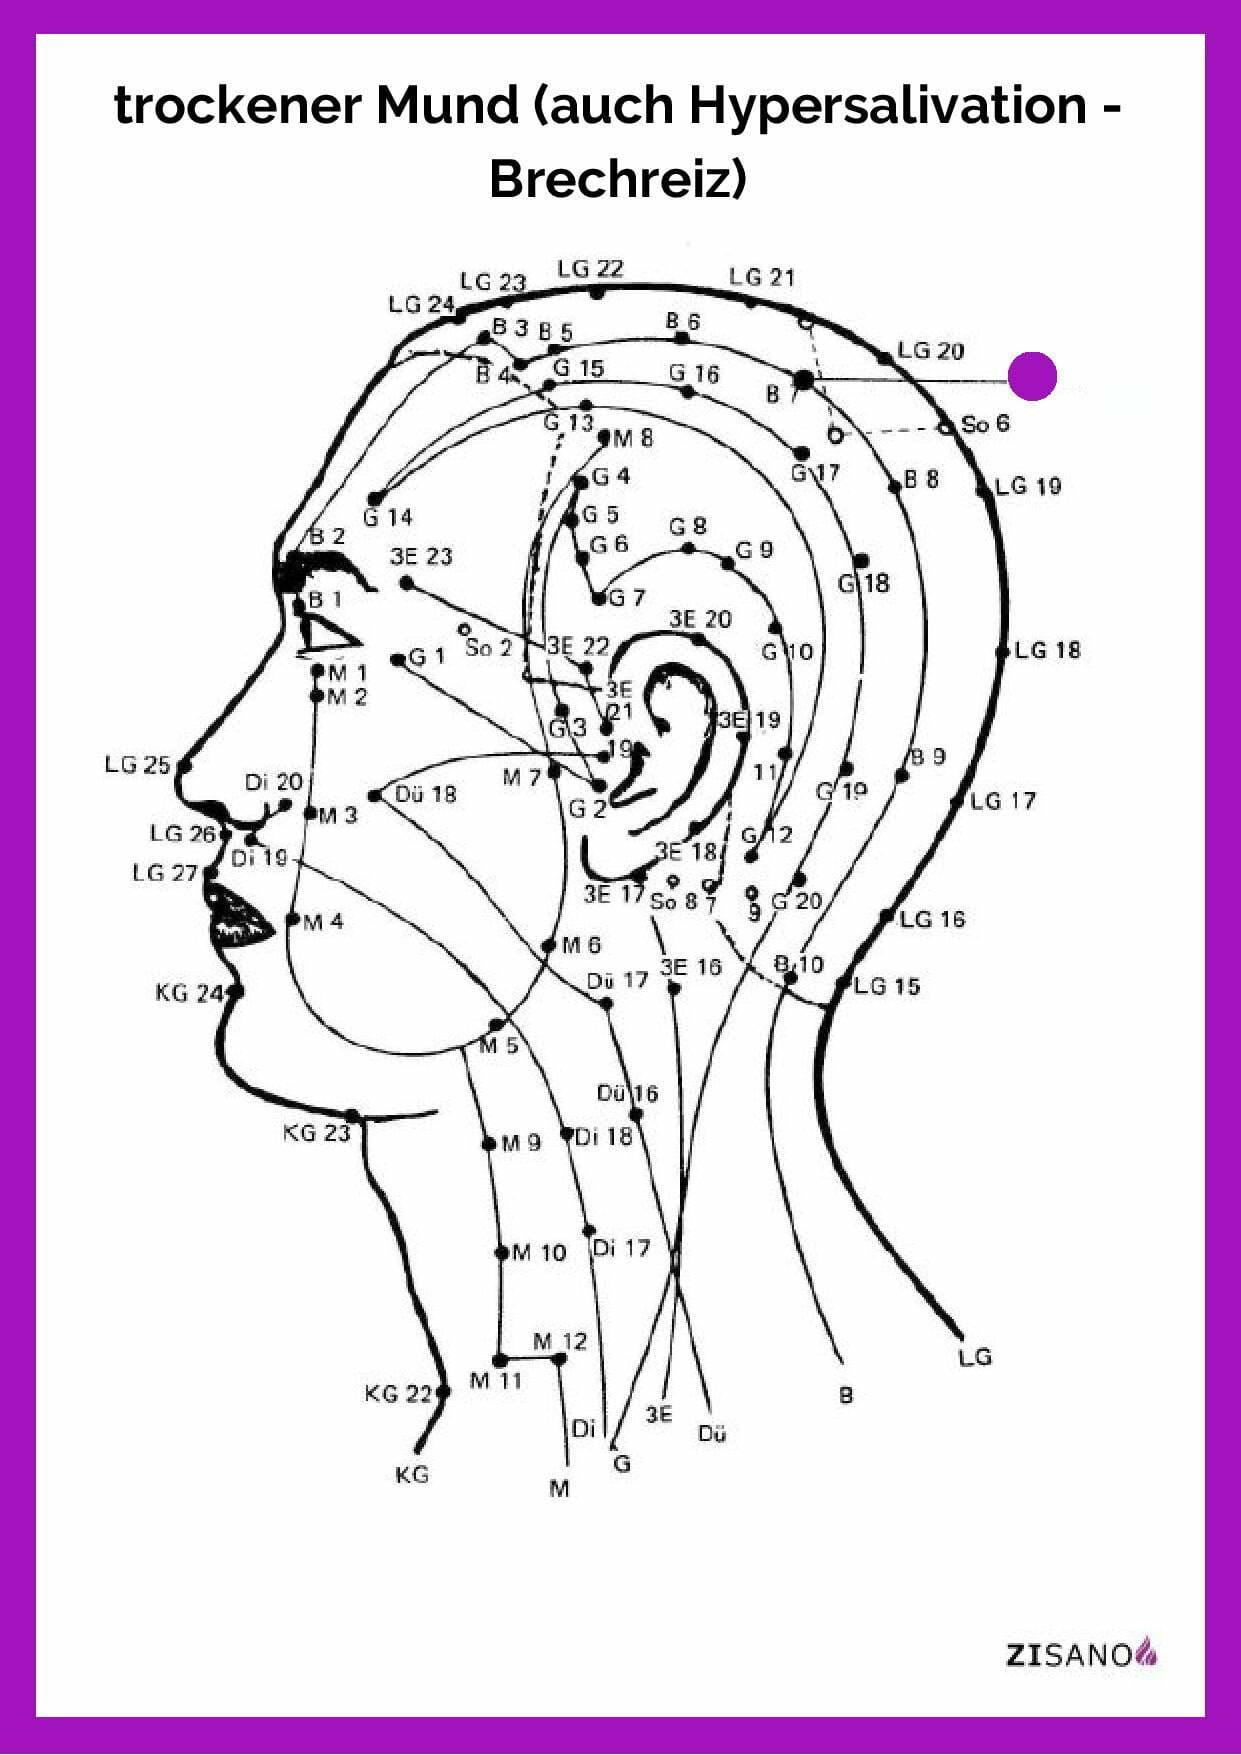 Meridiane - trockener Mund Hypersalivation - Brechreiz - Beschwerden